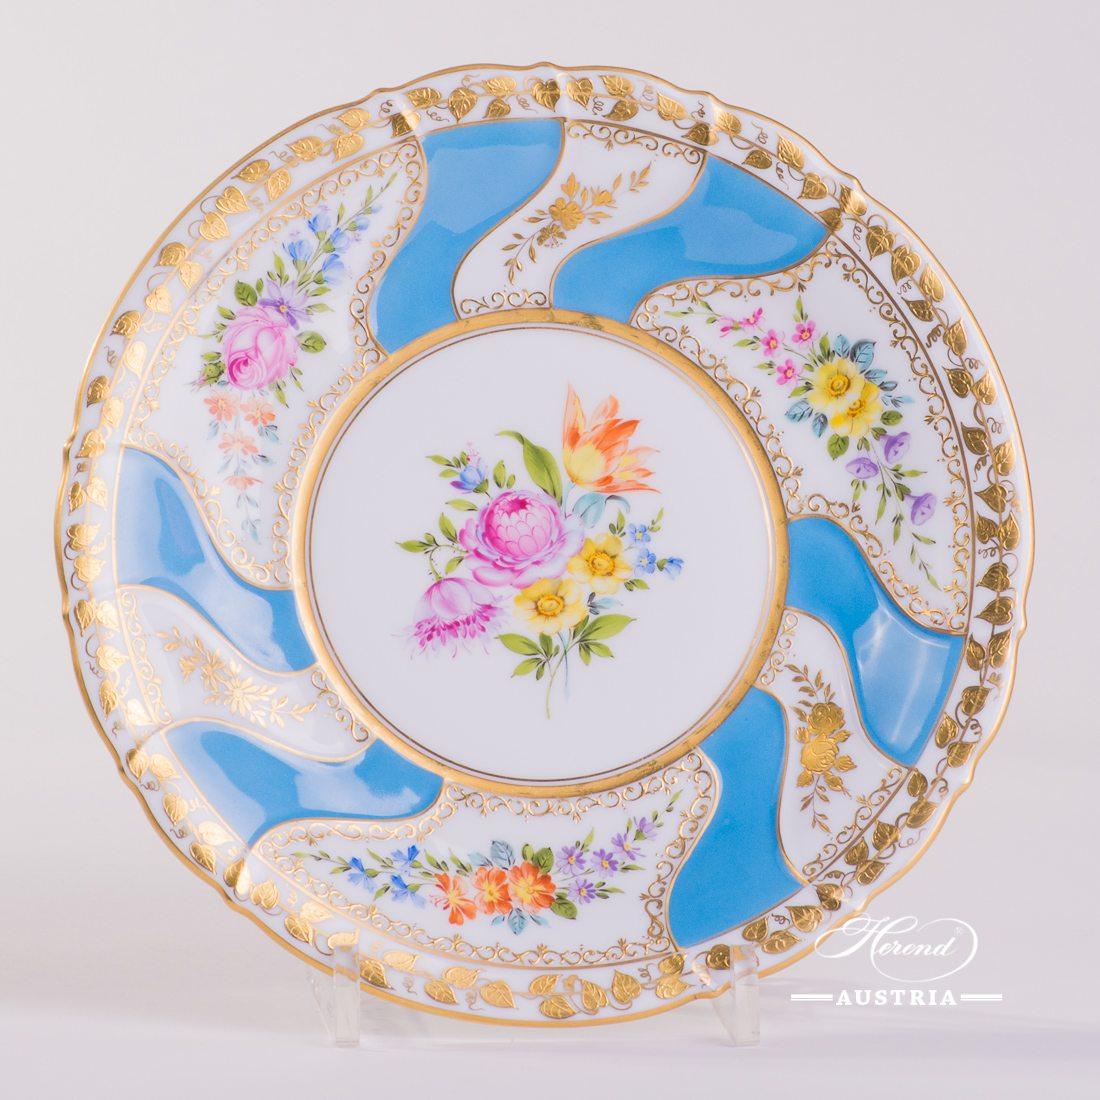 Colette Dessert Plate - 3694-0-00 Colette - Herend Porcelain